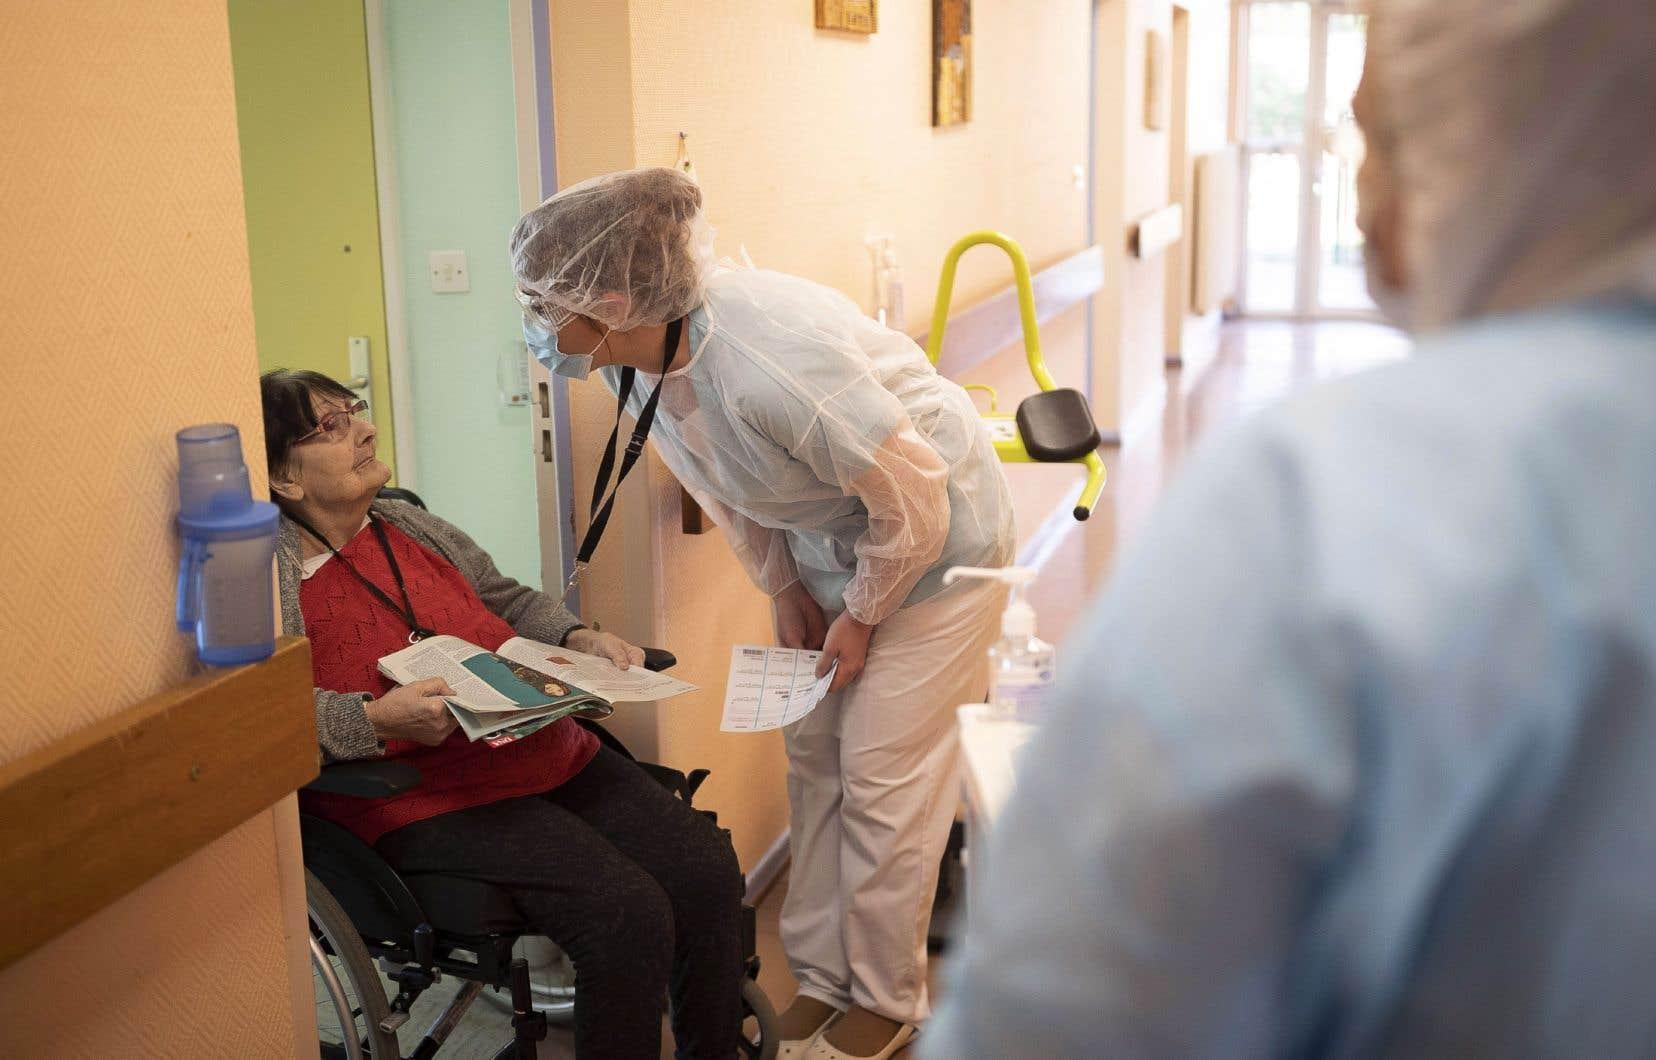 «Il faudra que la Santé publique cesse d'être amputée des moyens dont elle a besoin pour faire un travail efficace», réclament les auteurs.